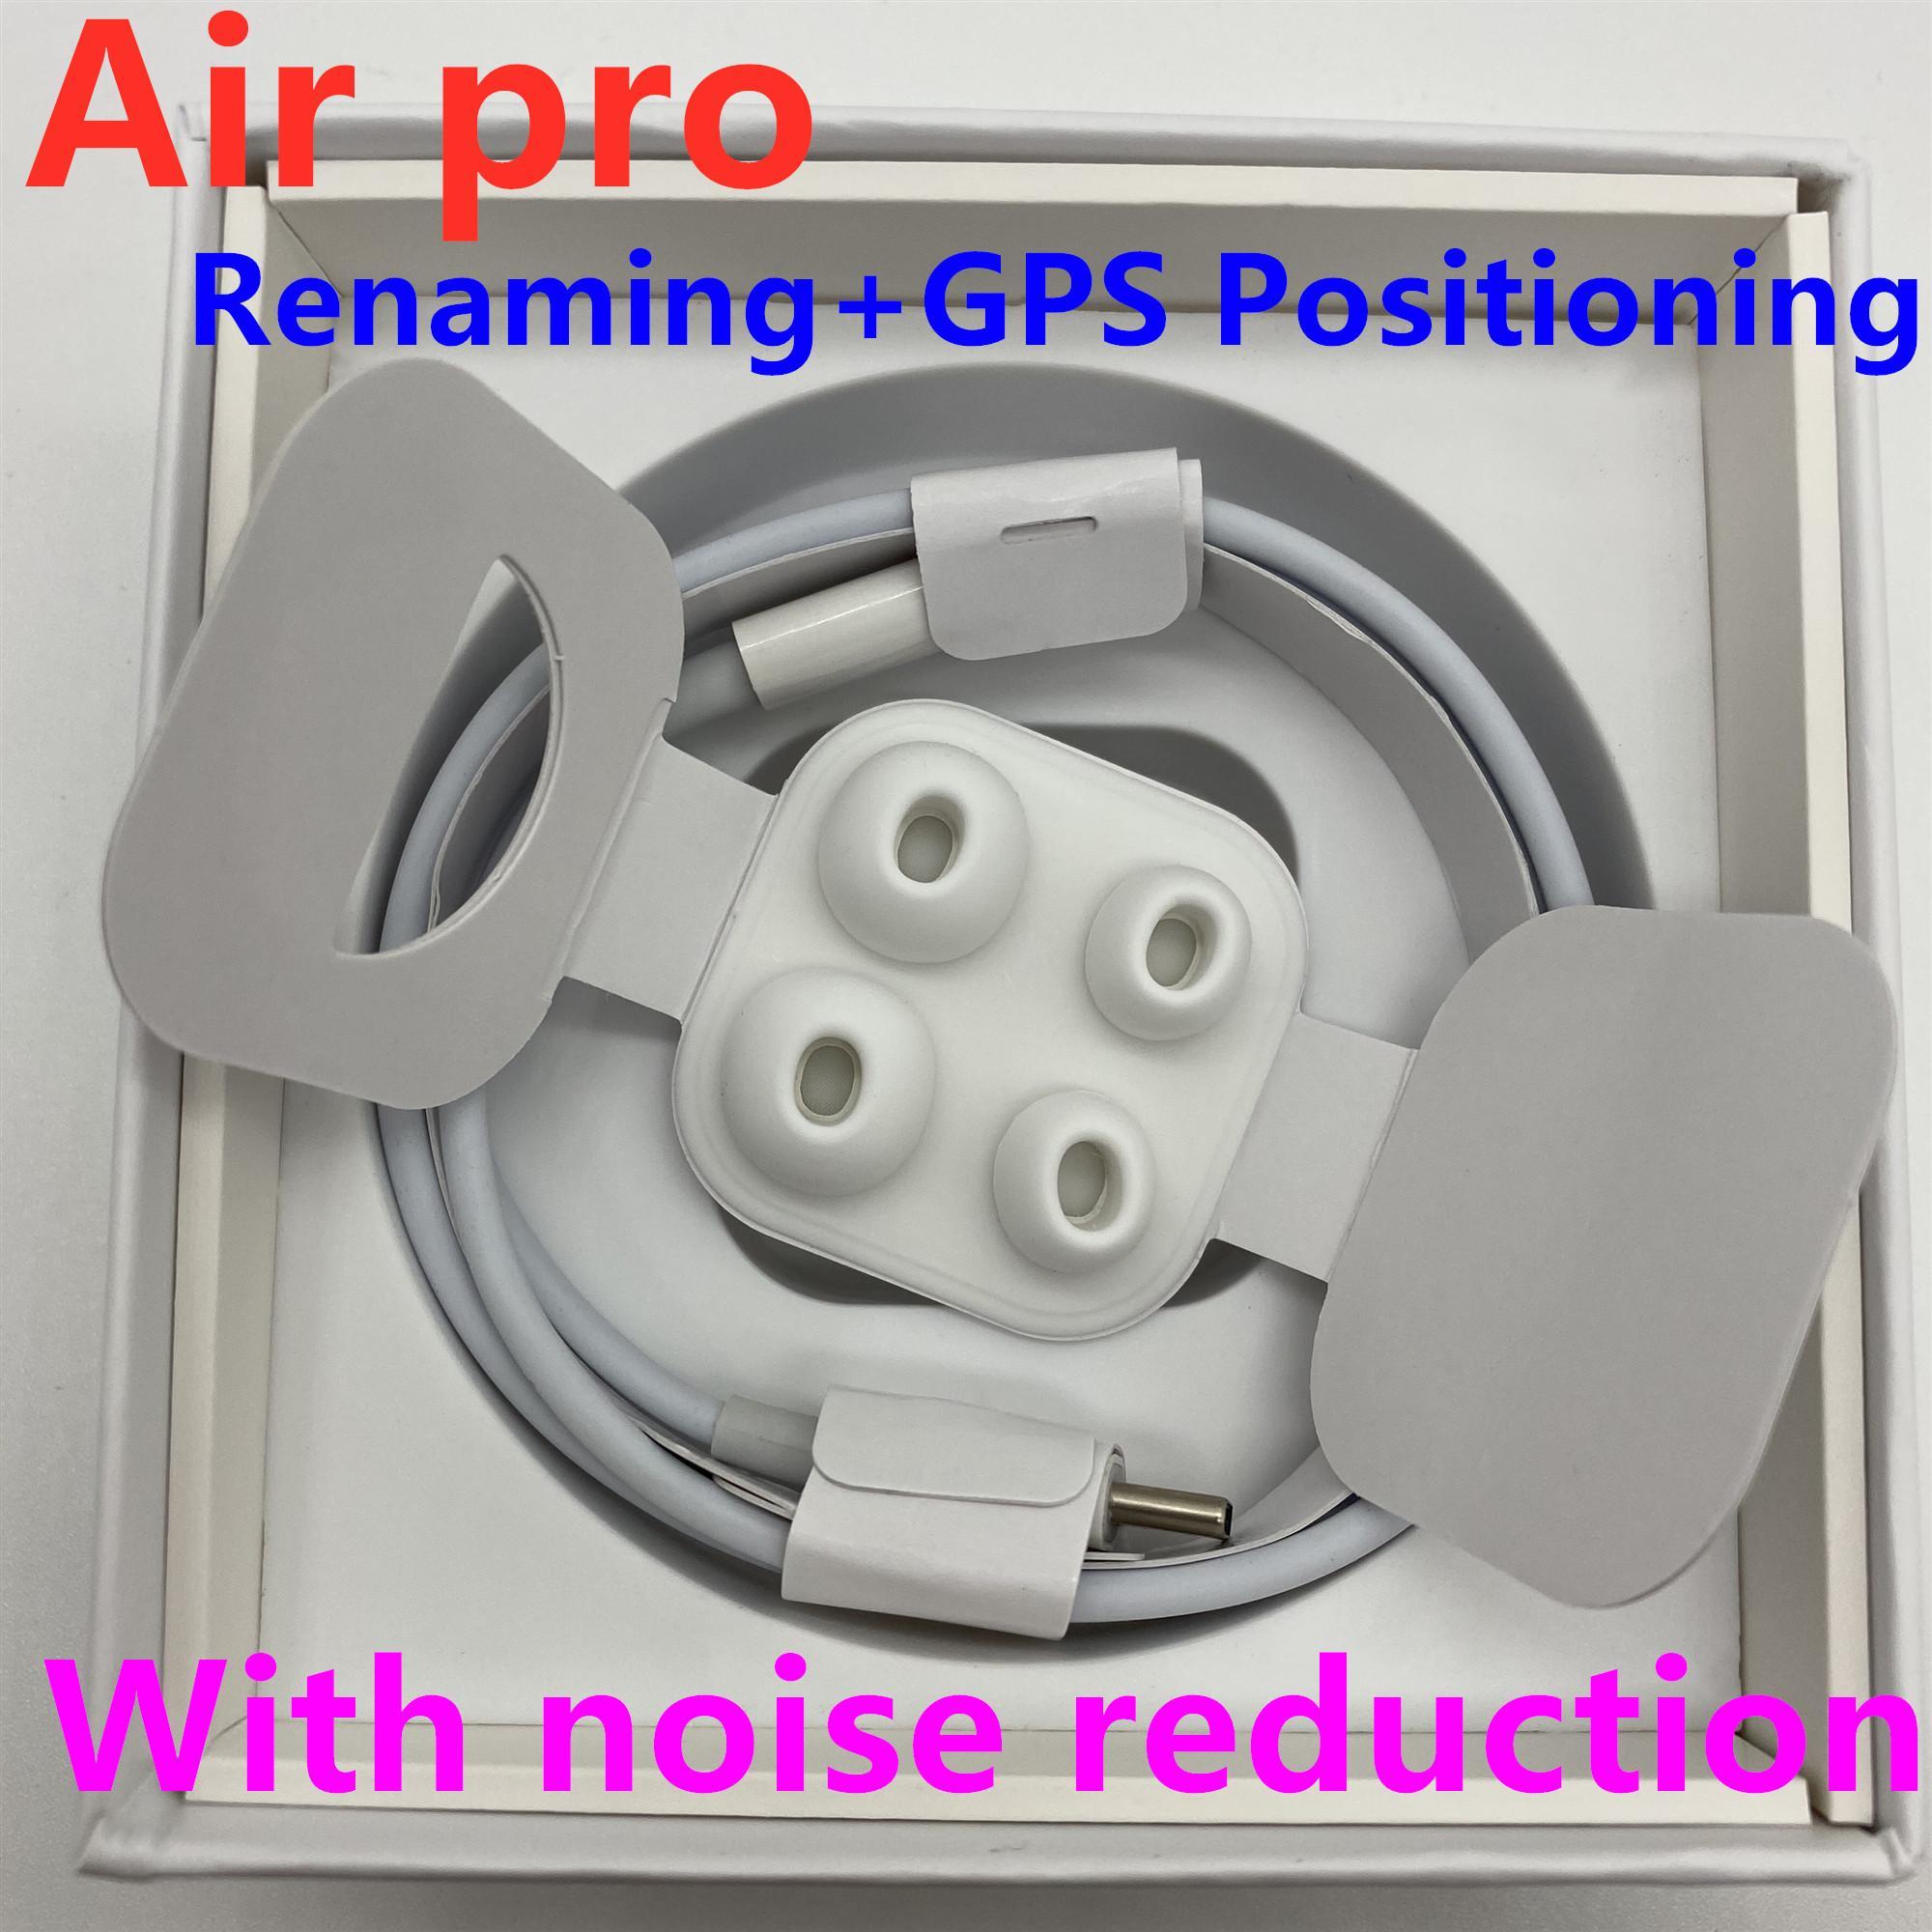 3pcs DHL UPS gratuito H1 chip de fone de ouvido Gps Rename Air Ap3 pro Tws Gen 3 Pods janela pop-up Bluetooth Auscultadores wireles auto paring carregamento pro